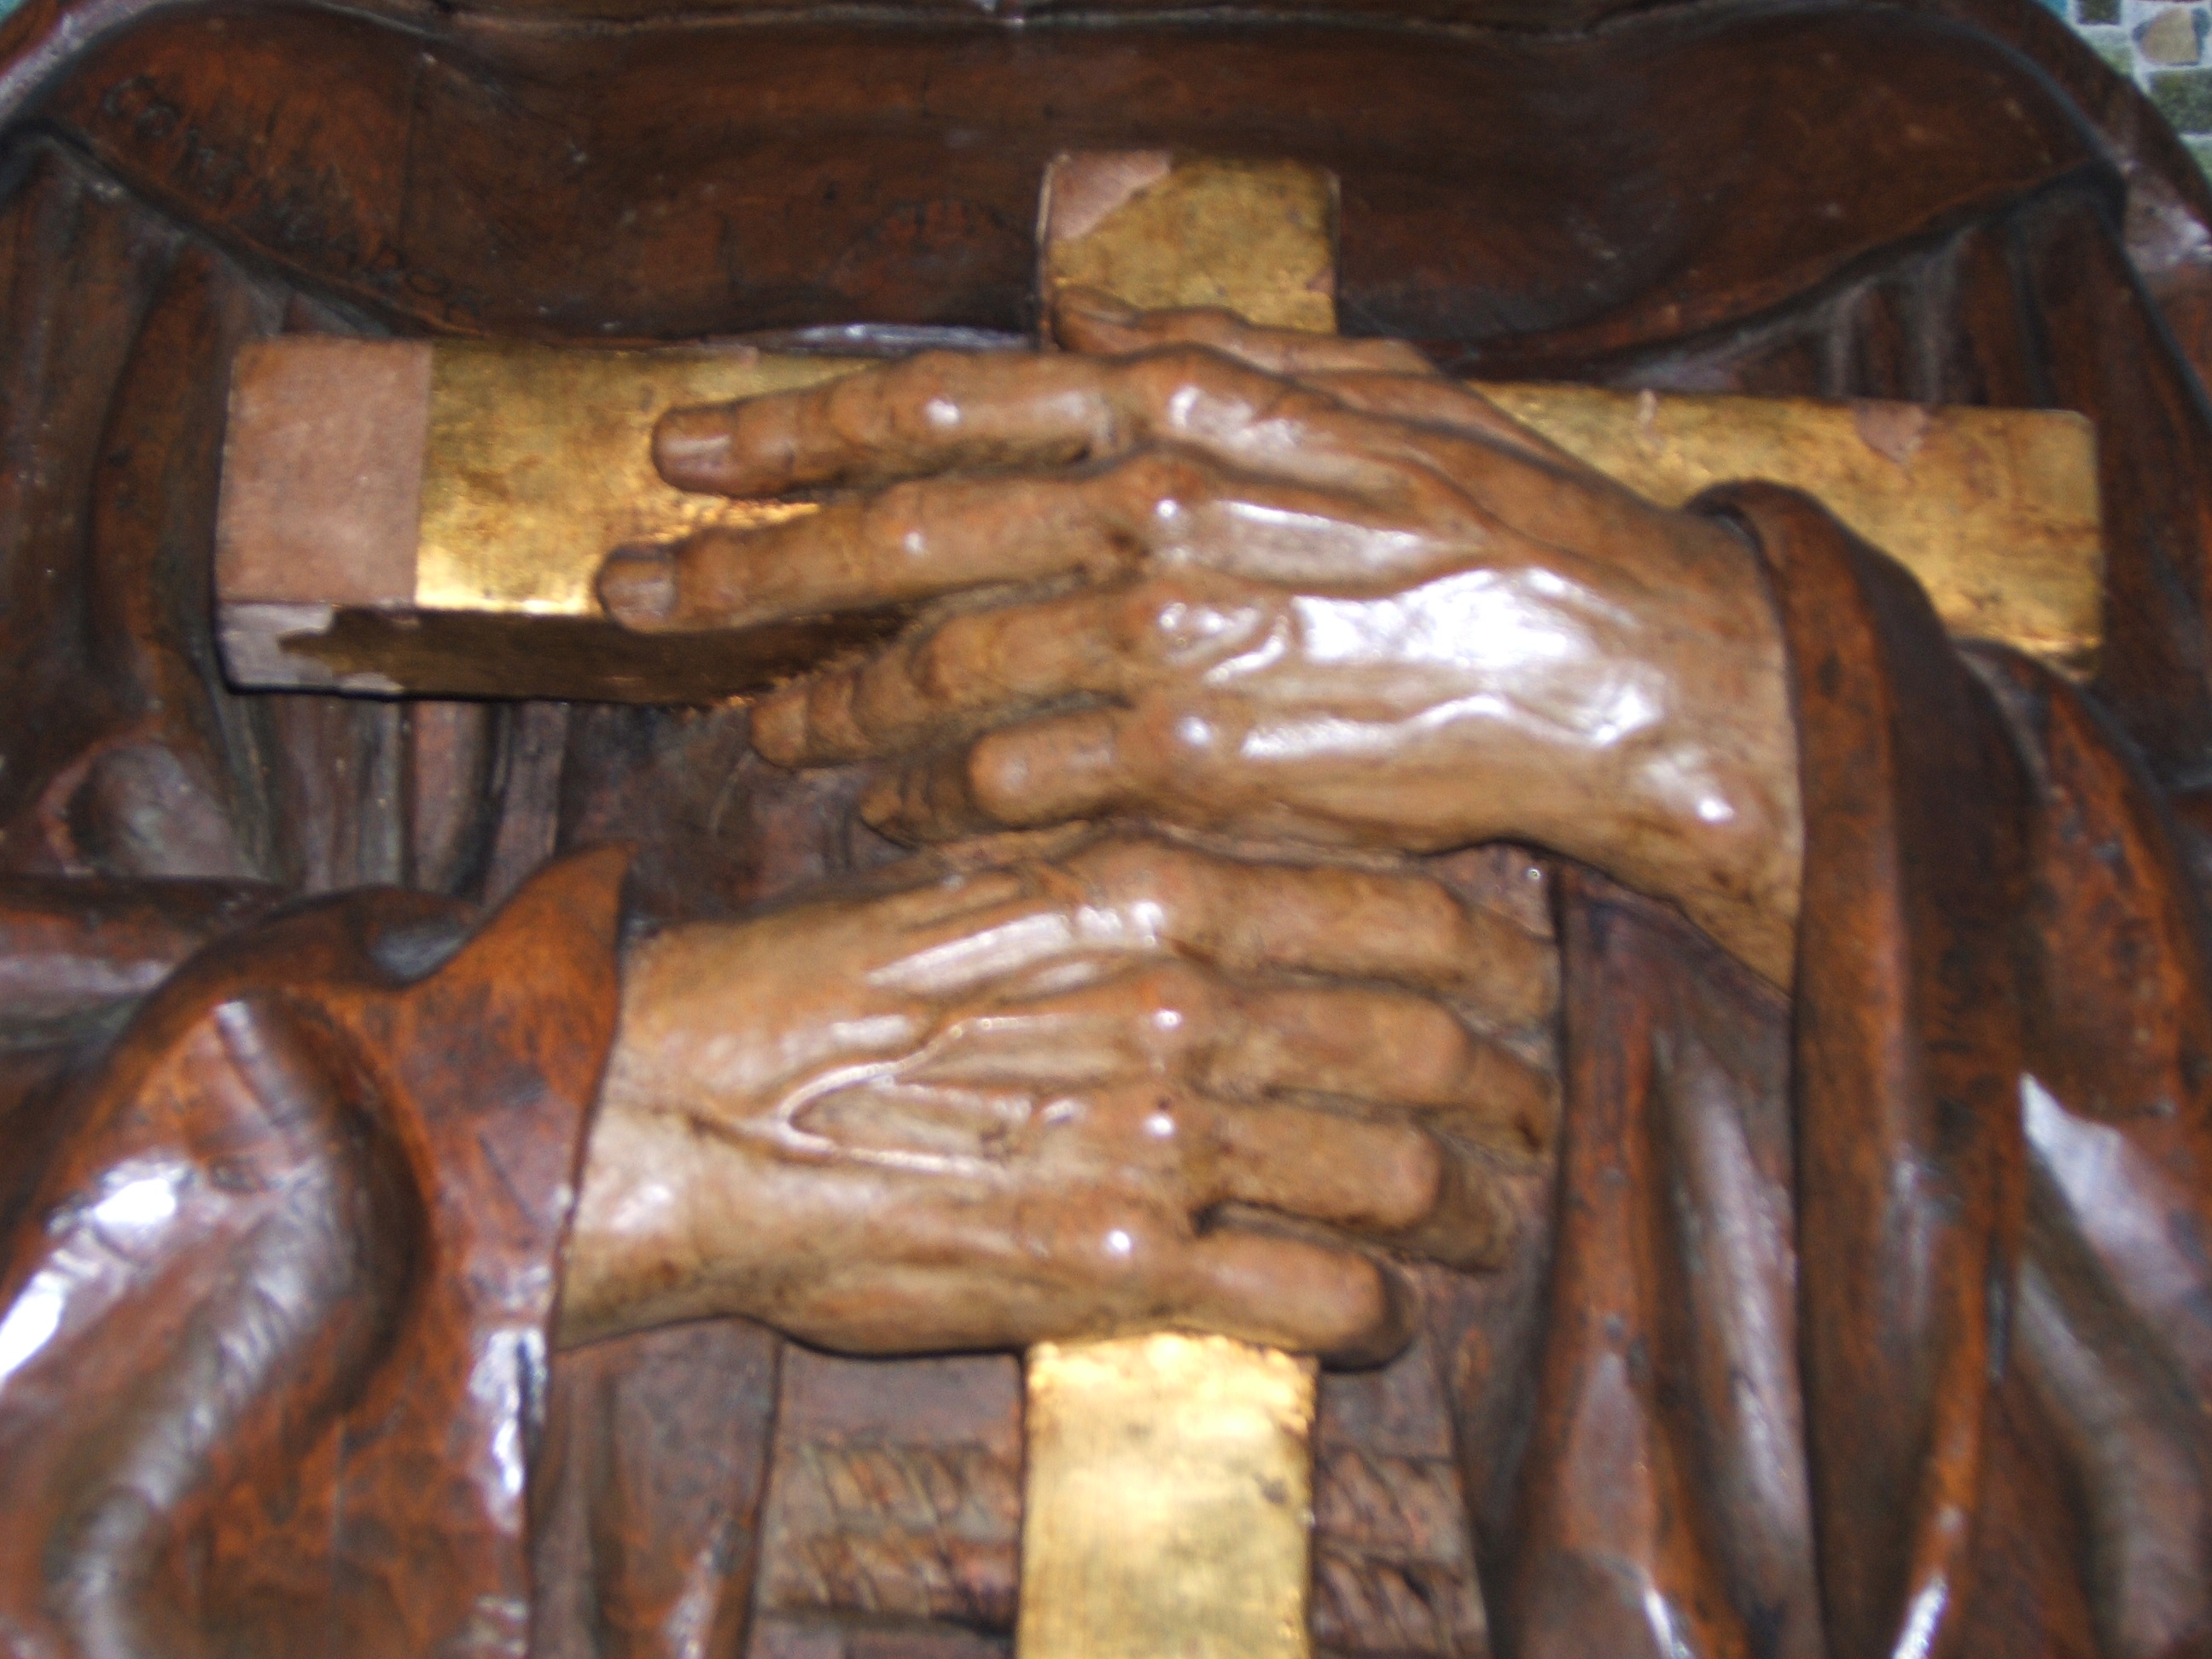 DOMENICA 5 SETTEMBRE 2010 - XXIII DEL TEMPO ORDINARIO dans Lettera a Filemone imagen-di-spagna-2-1581